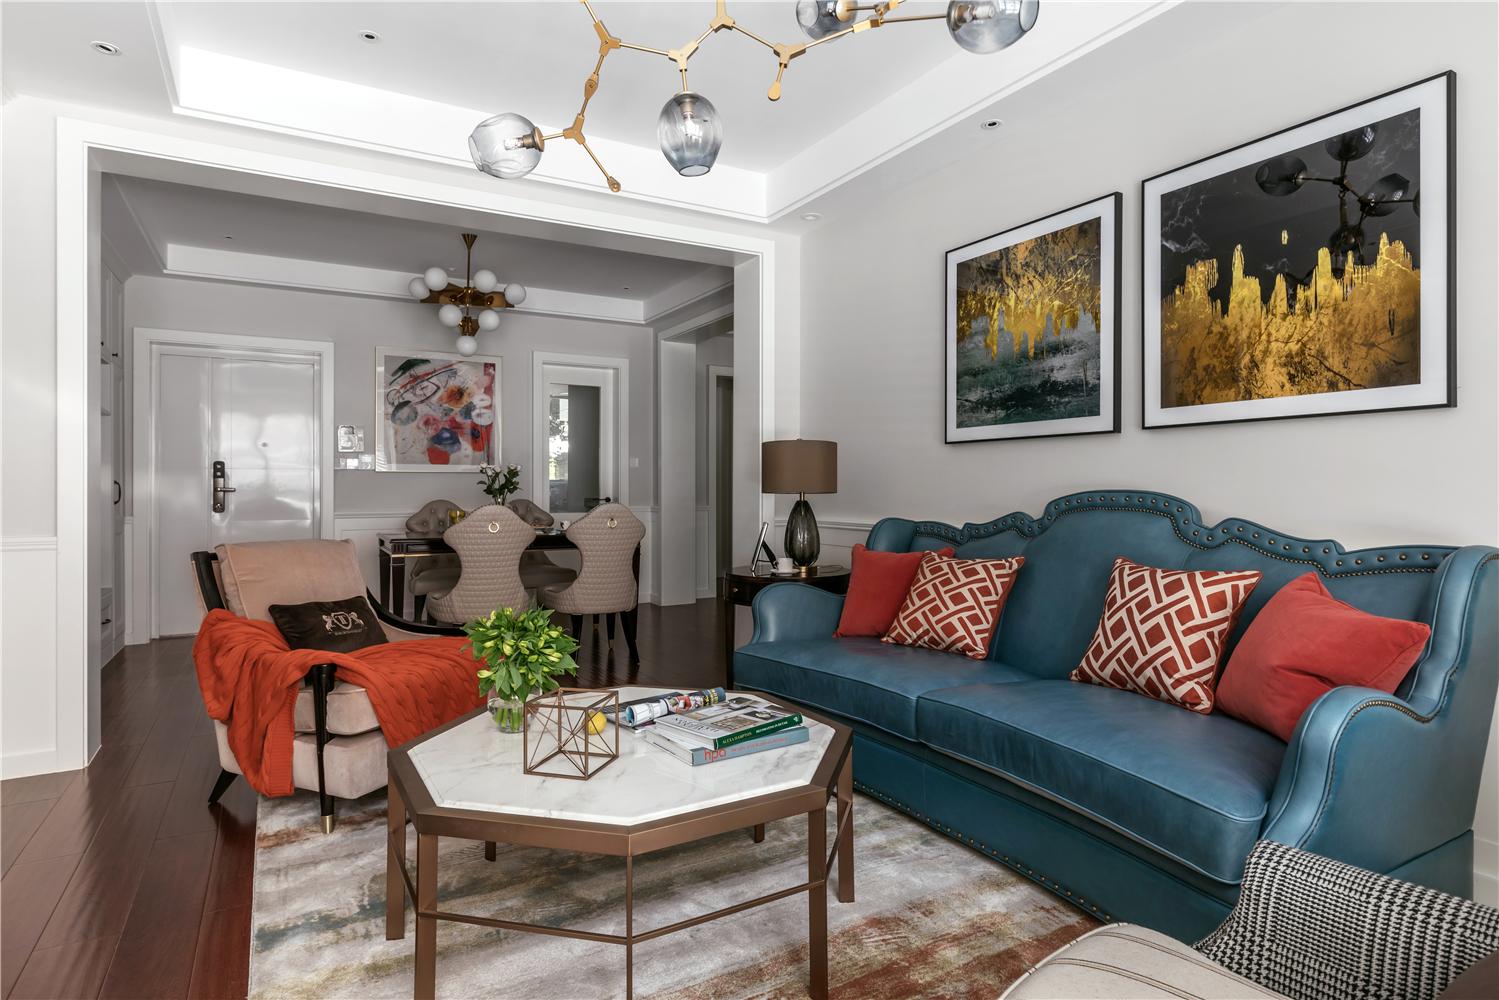 120㎡美式风格客厅装修效果图